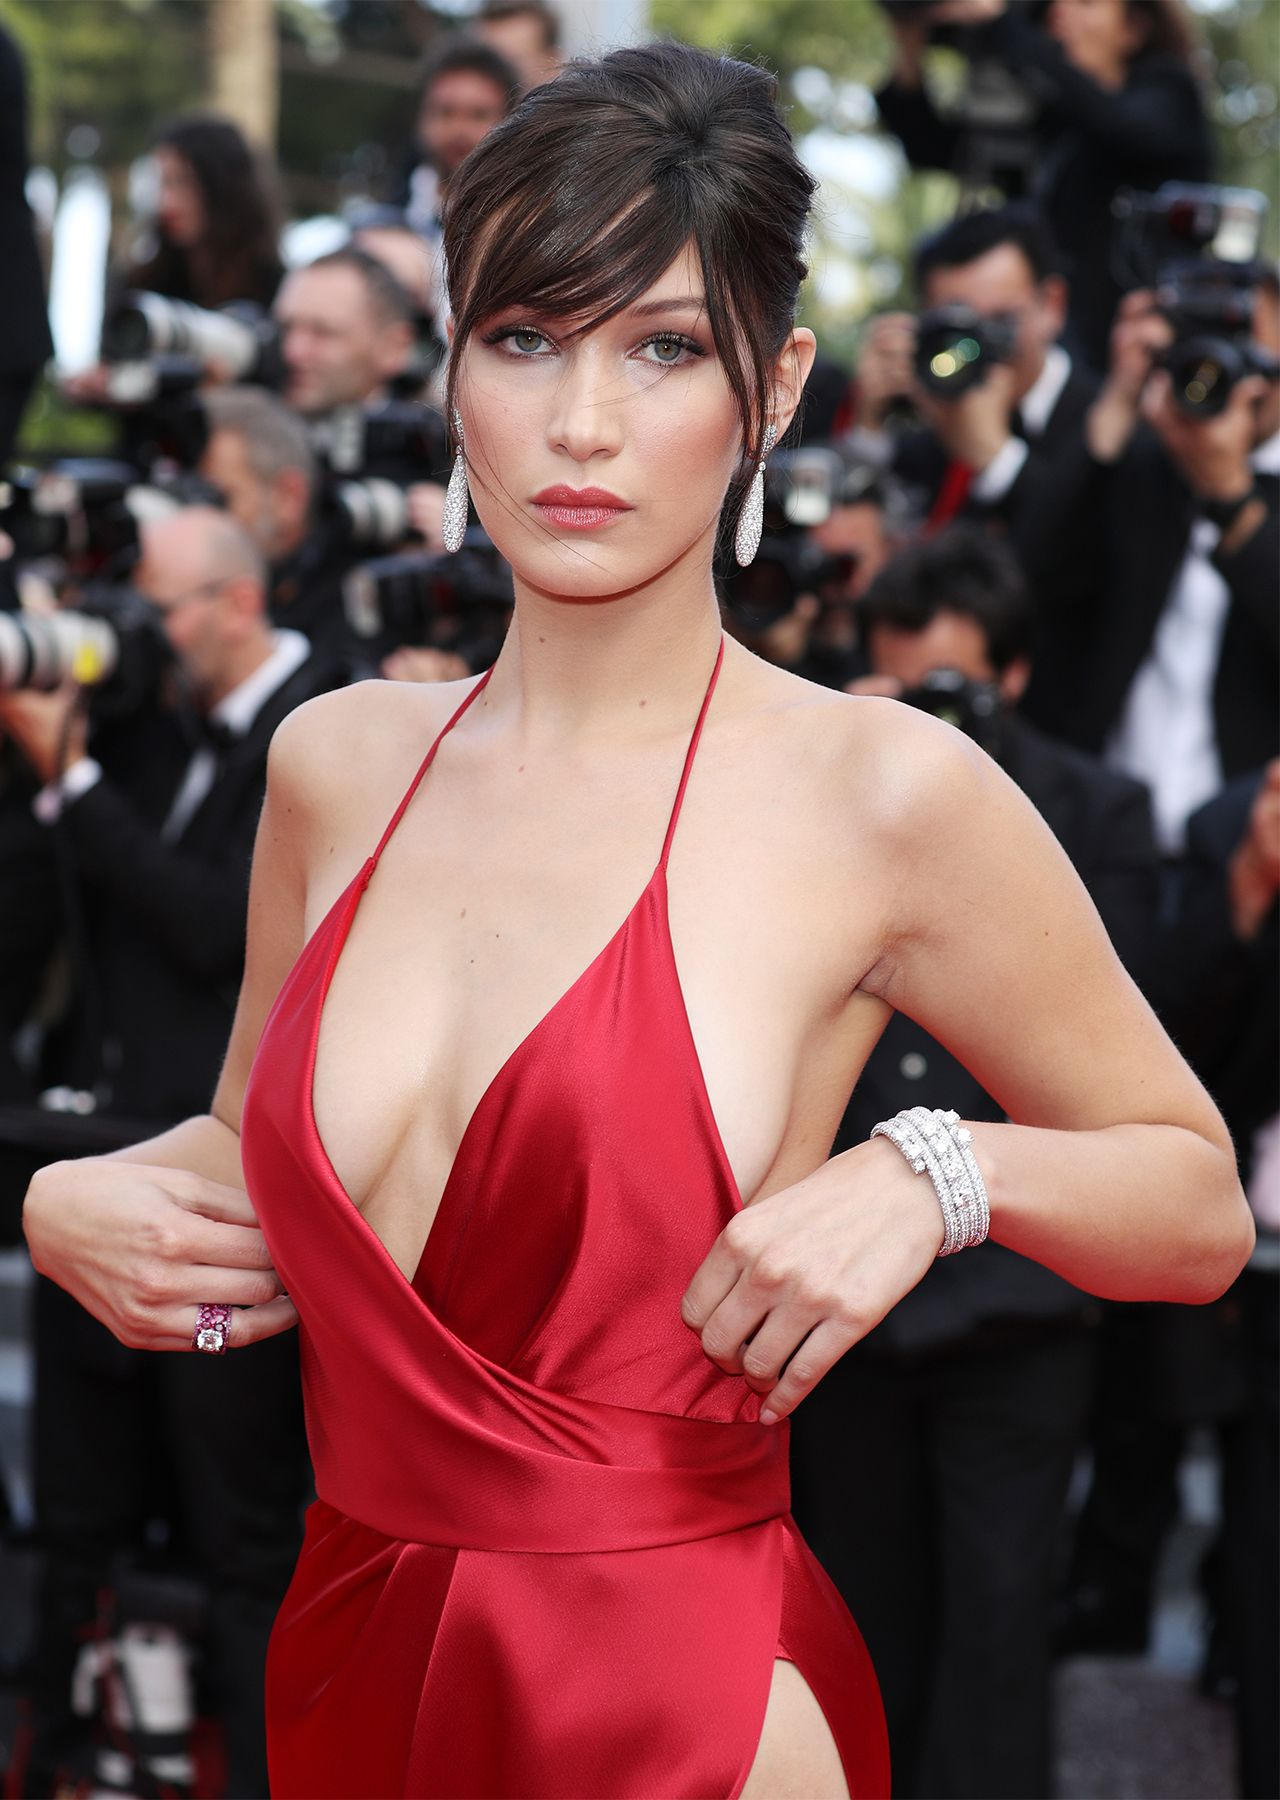 Pin von Daniel Ryba auf Bella Hadid (Cannes) | Pinterest